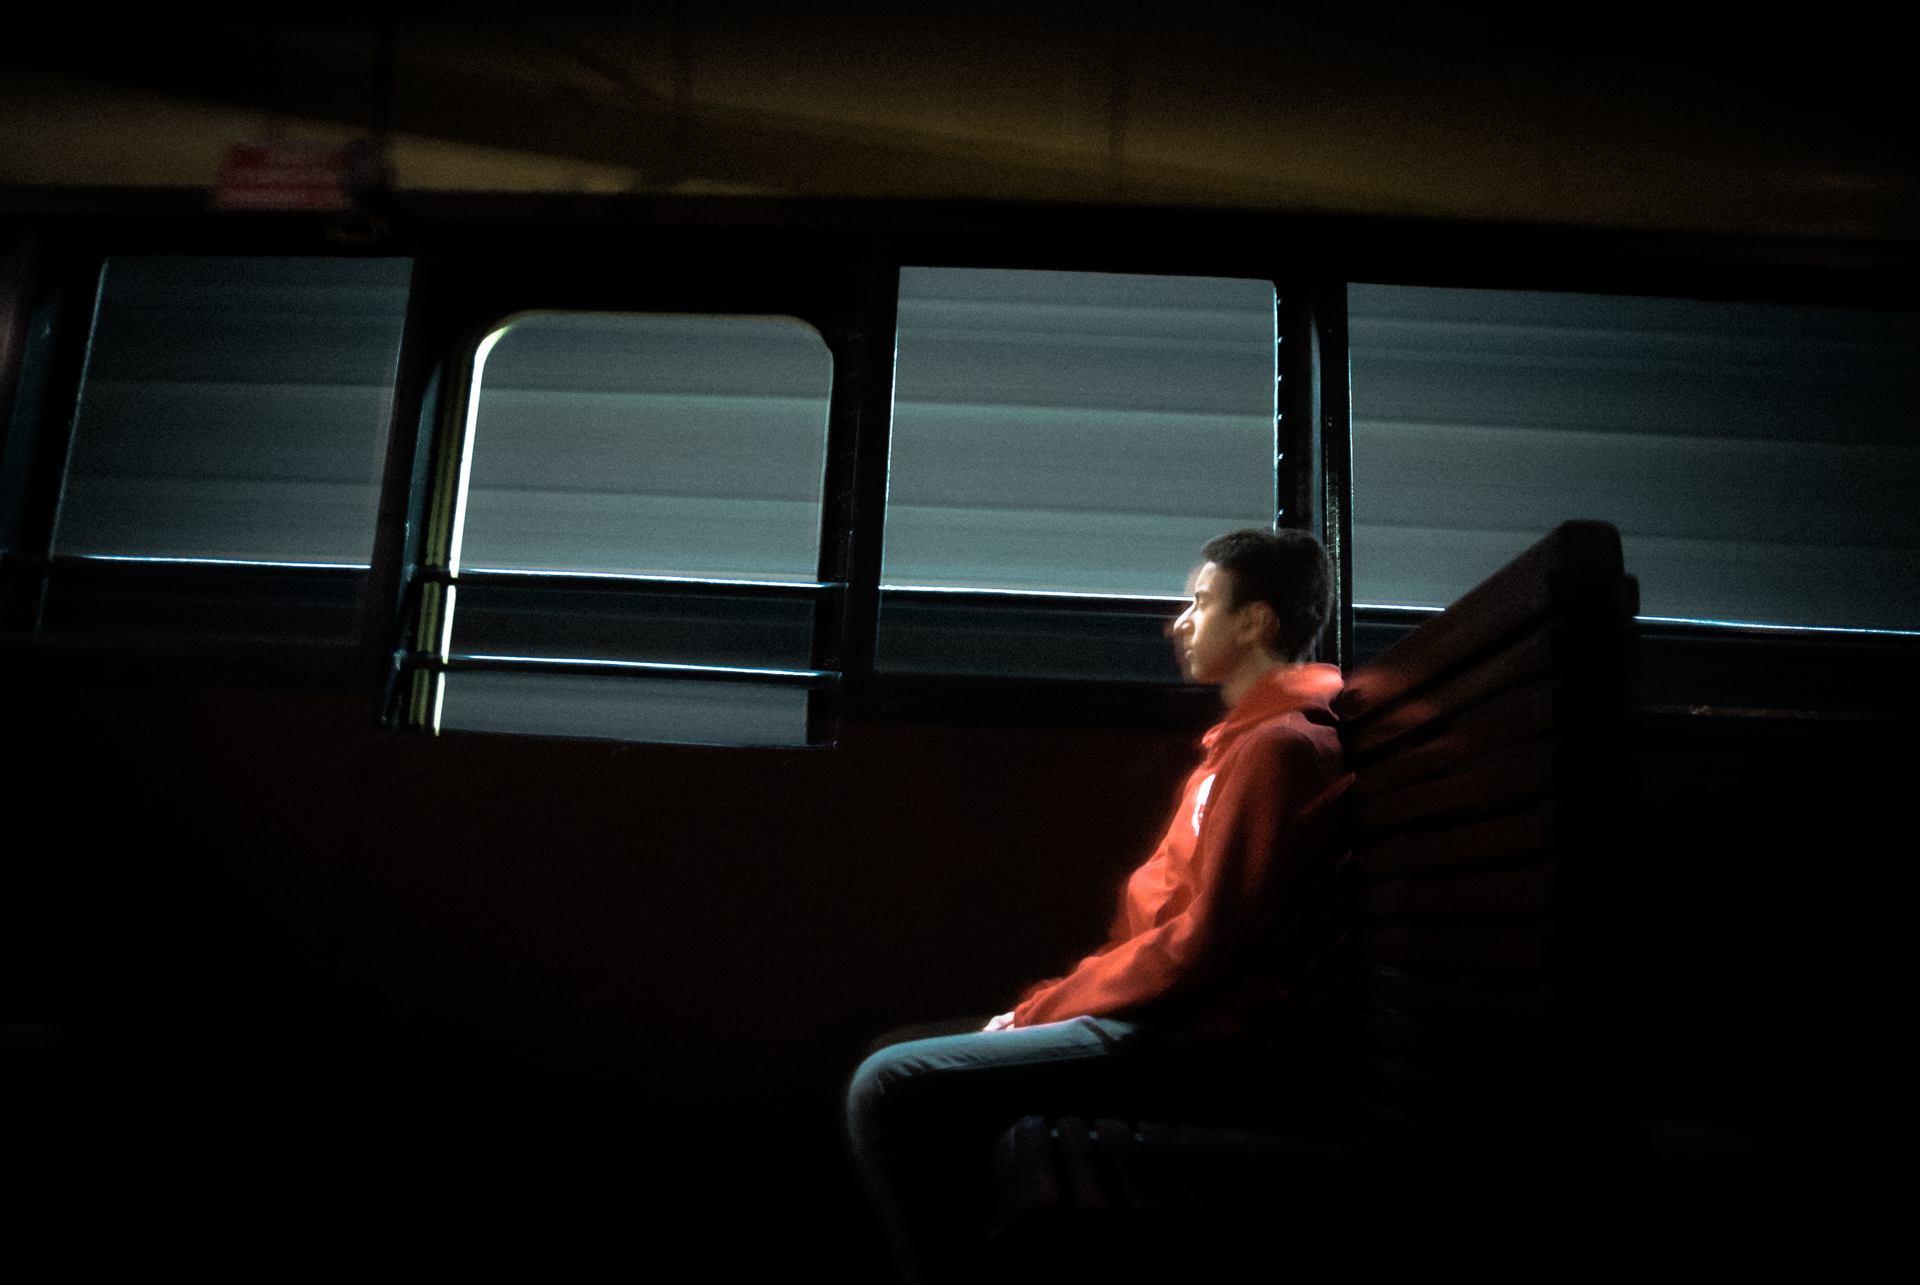 Le passager.JPG